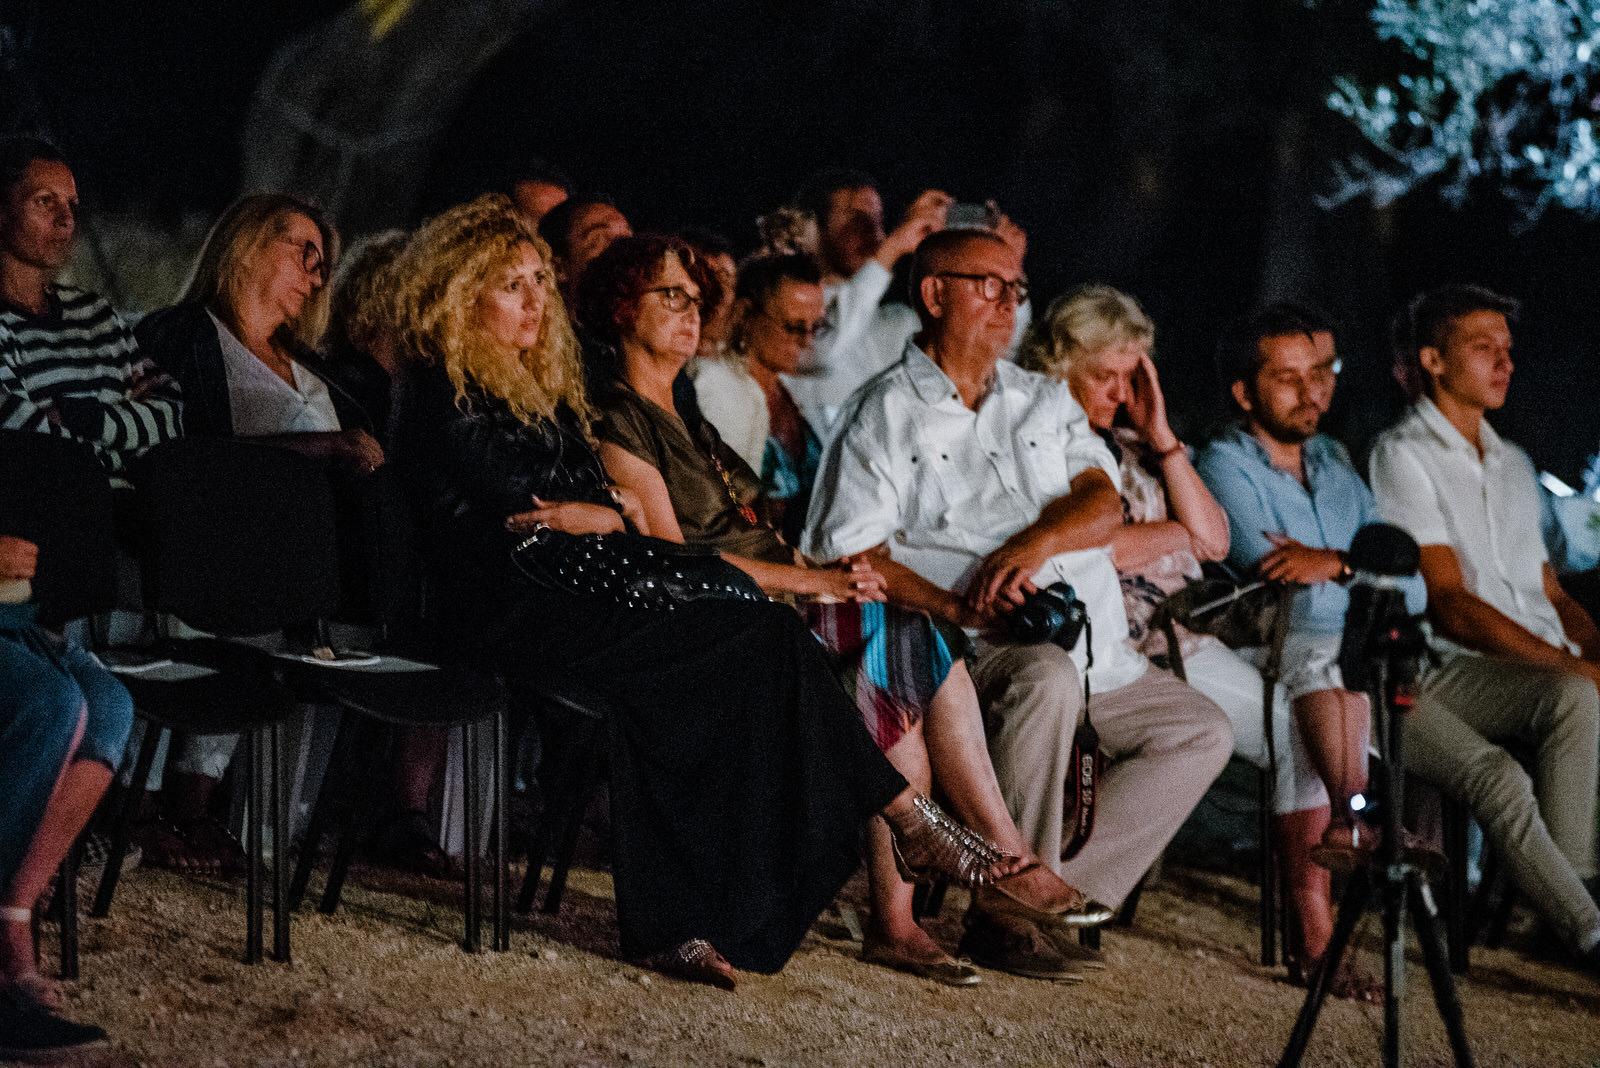 likaclub_novalja_lunjski-maslinici_olive-classic-2019-34